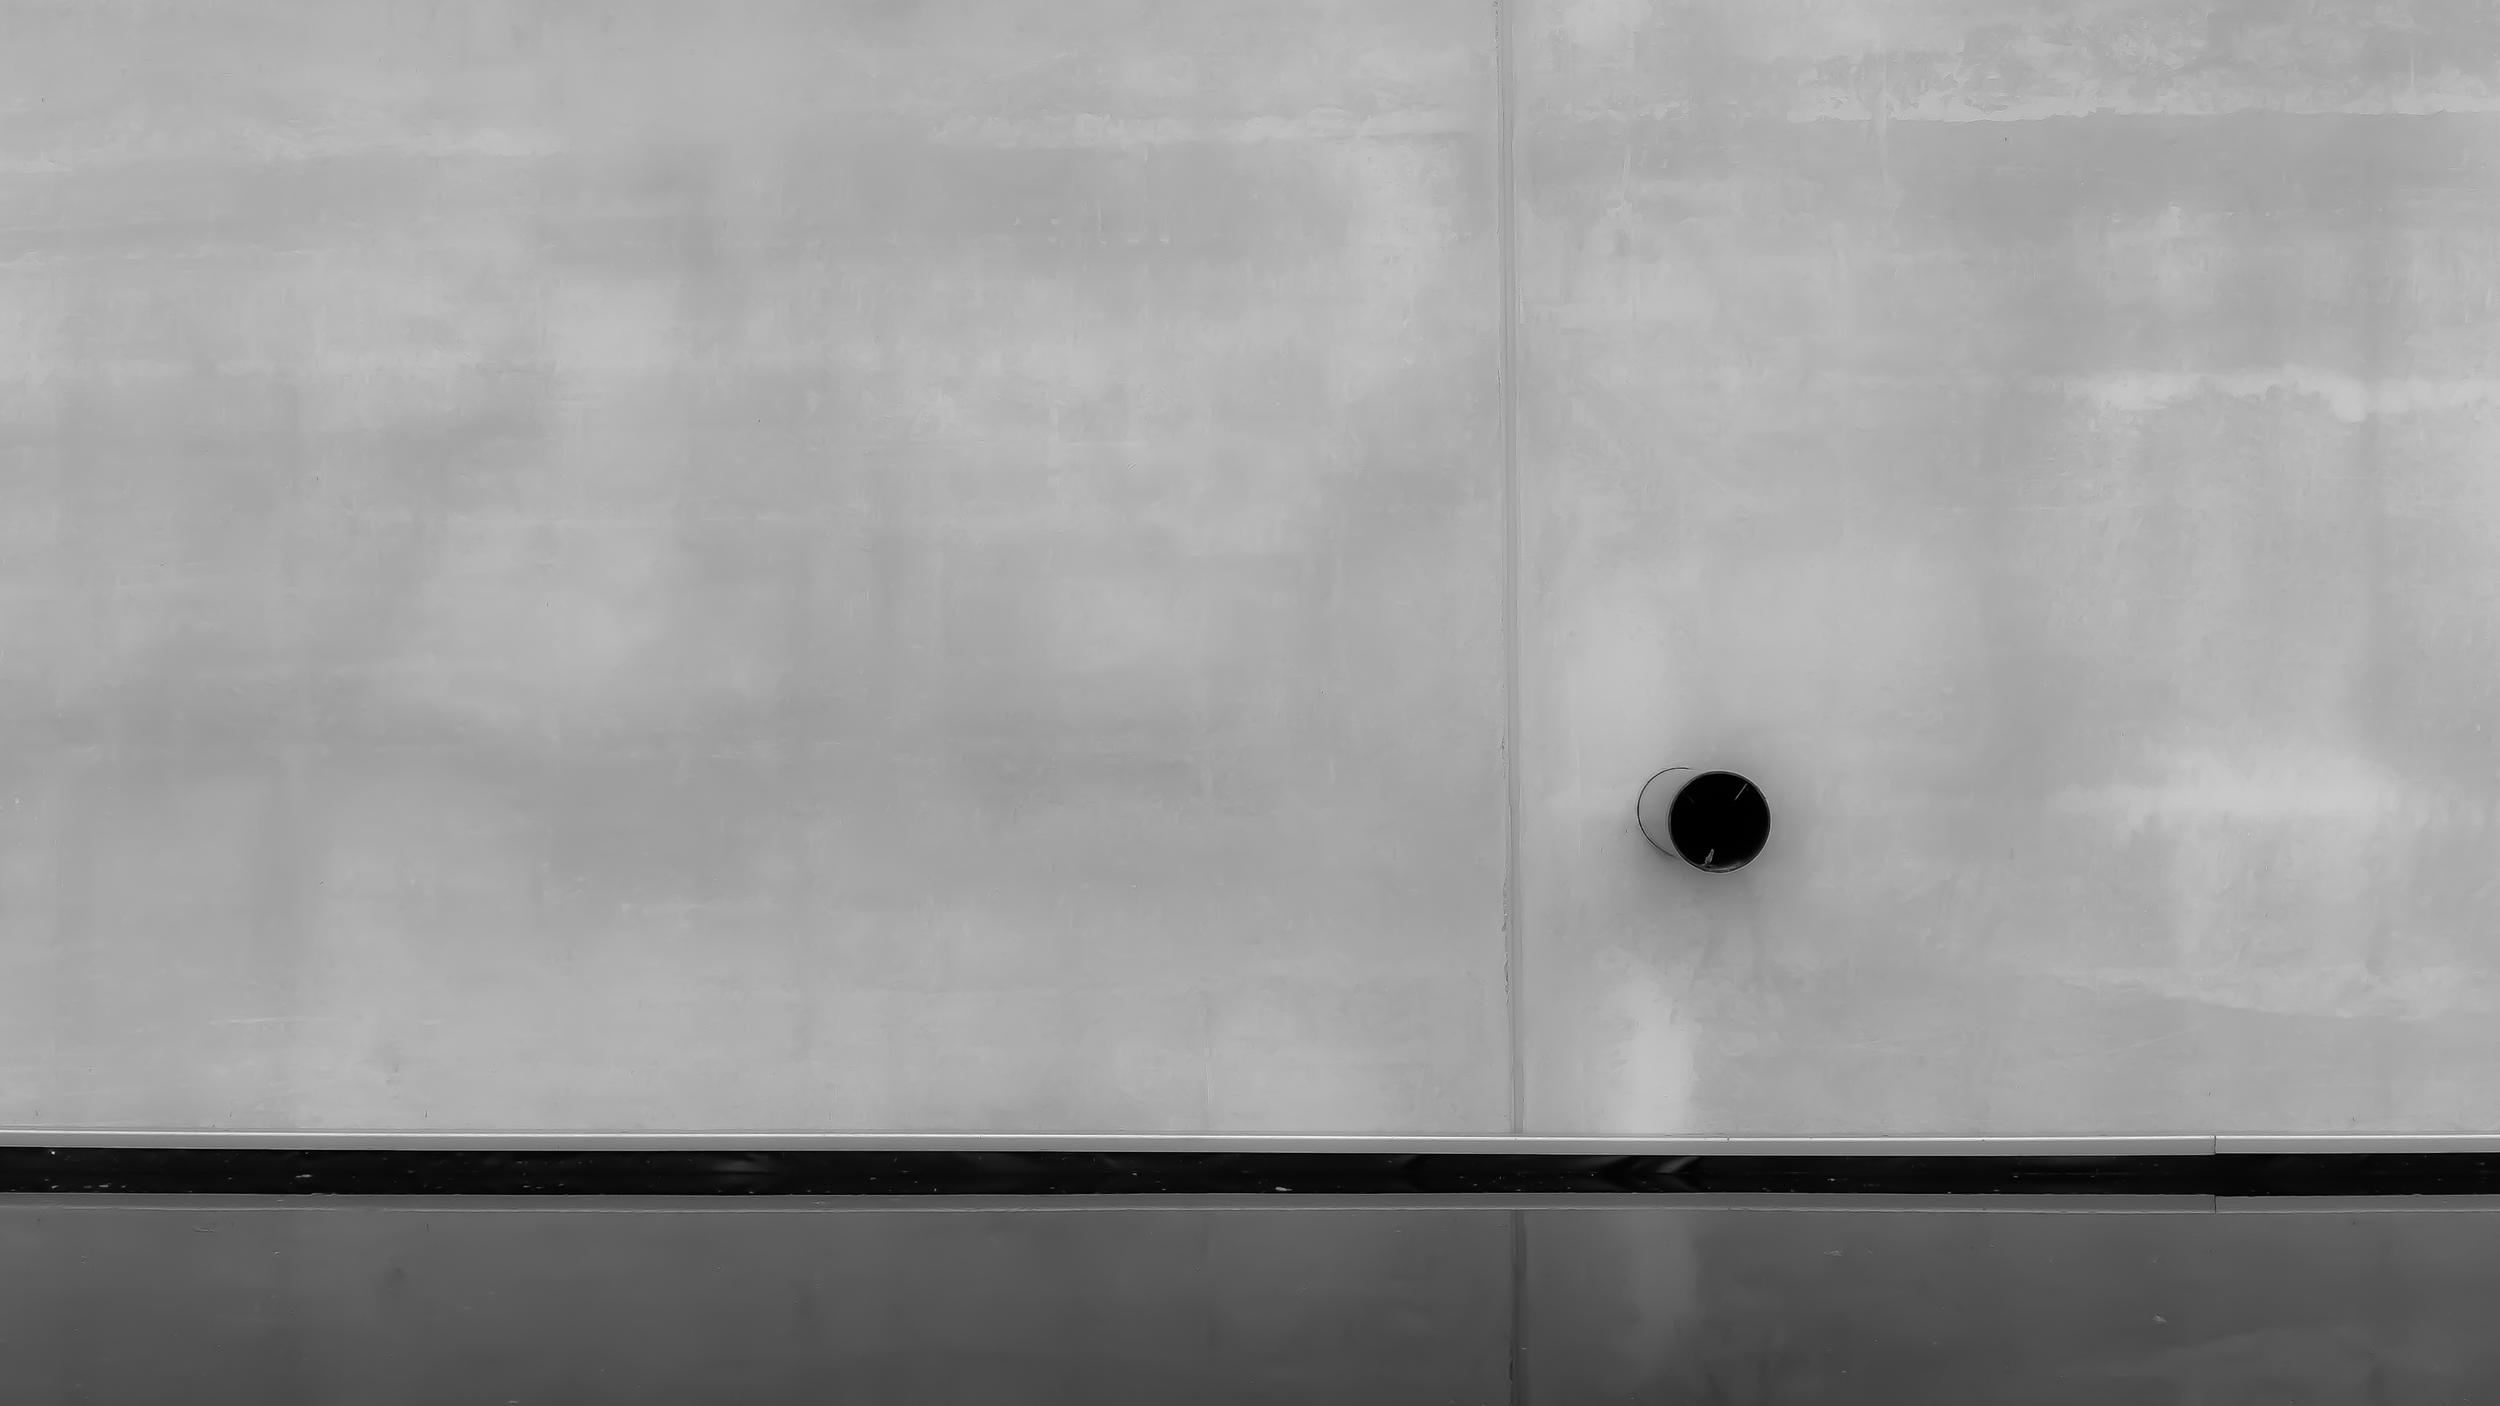 1/3 regel links in abstracte fotografie - minimalisme